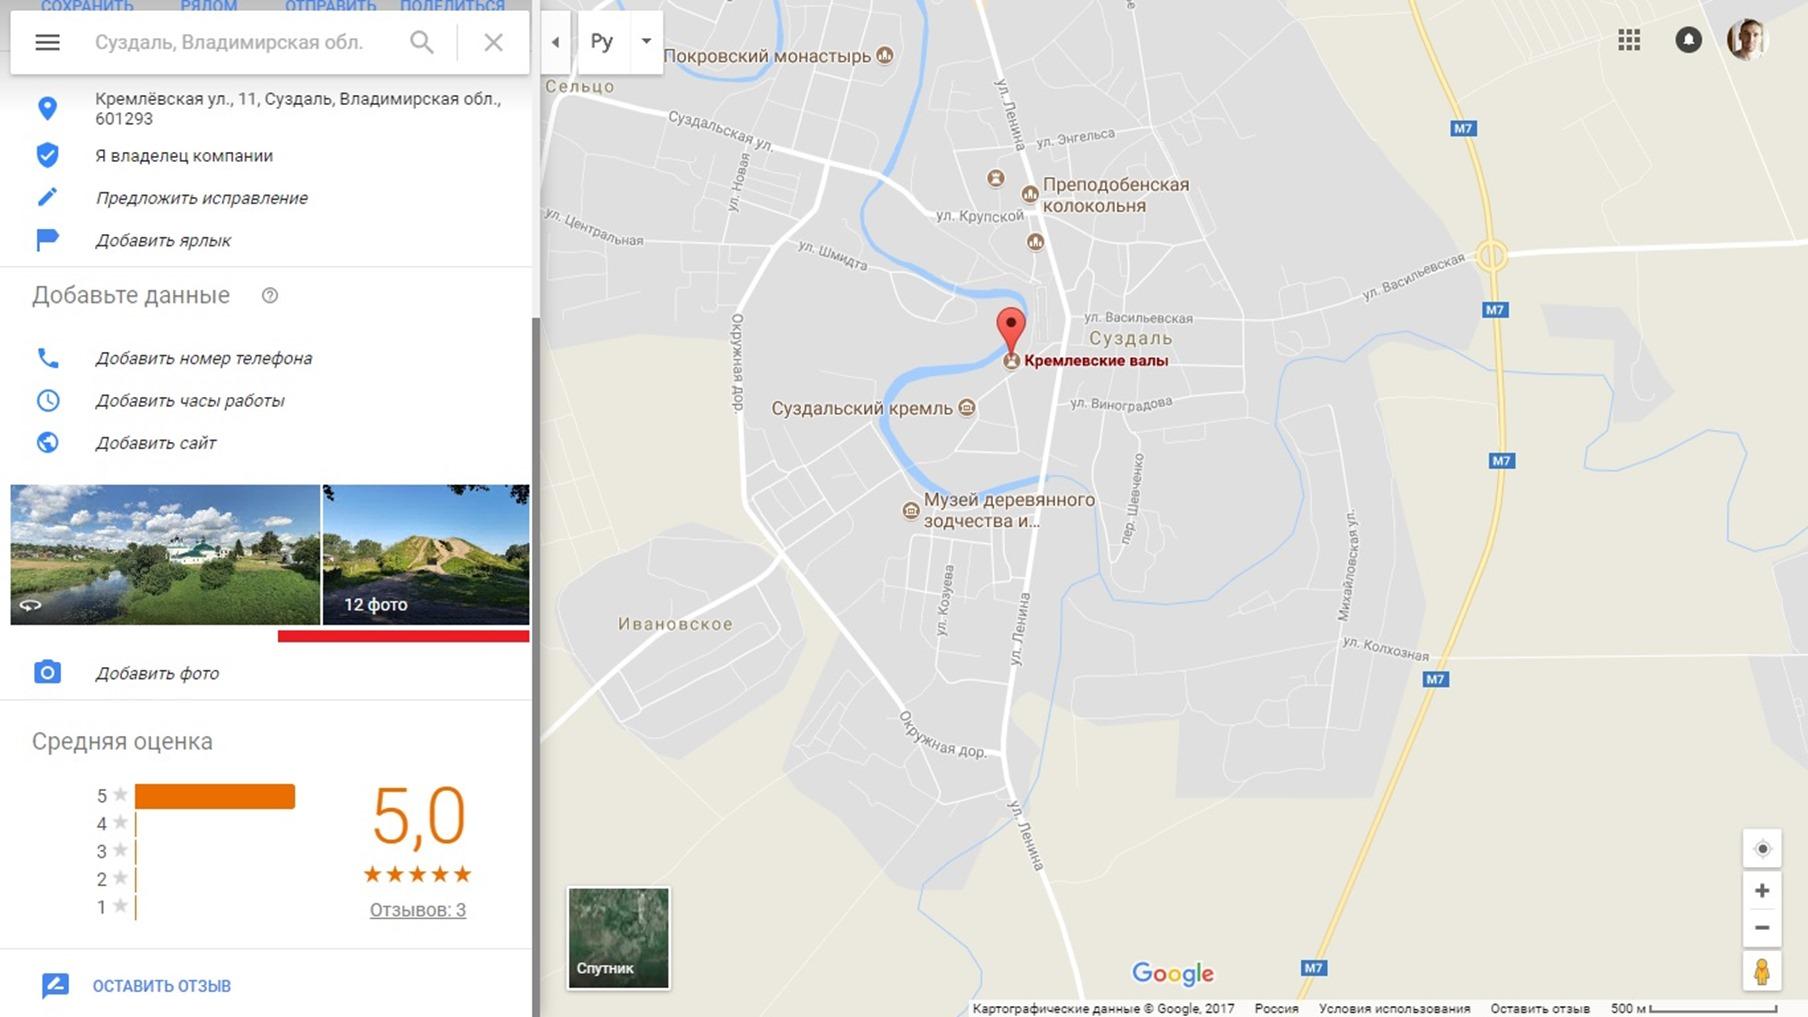 Загрузка фото на Google карты